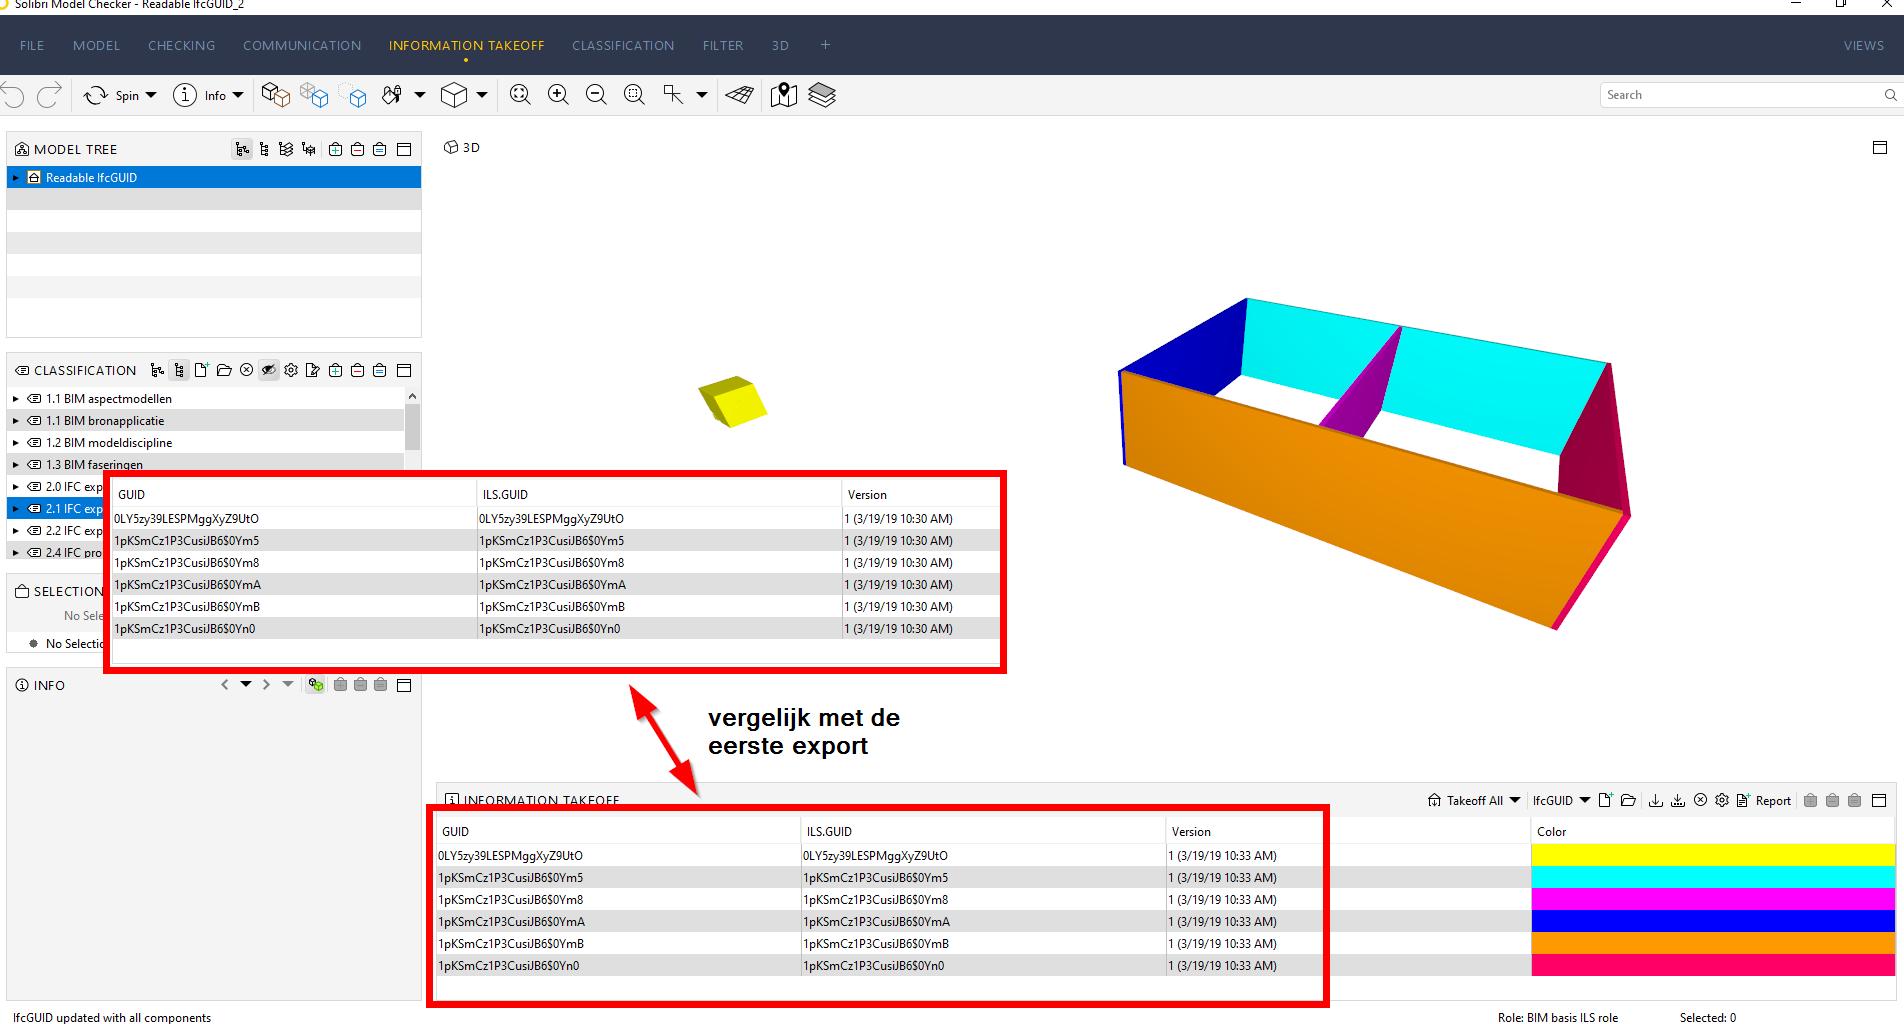 Solibri Model Checker / nieuwe export na lege waarden